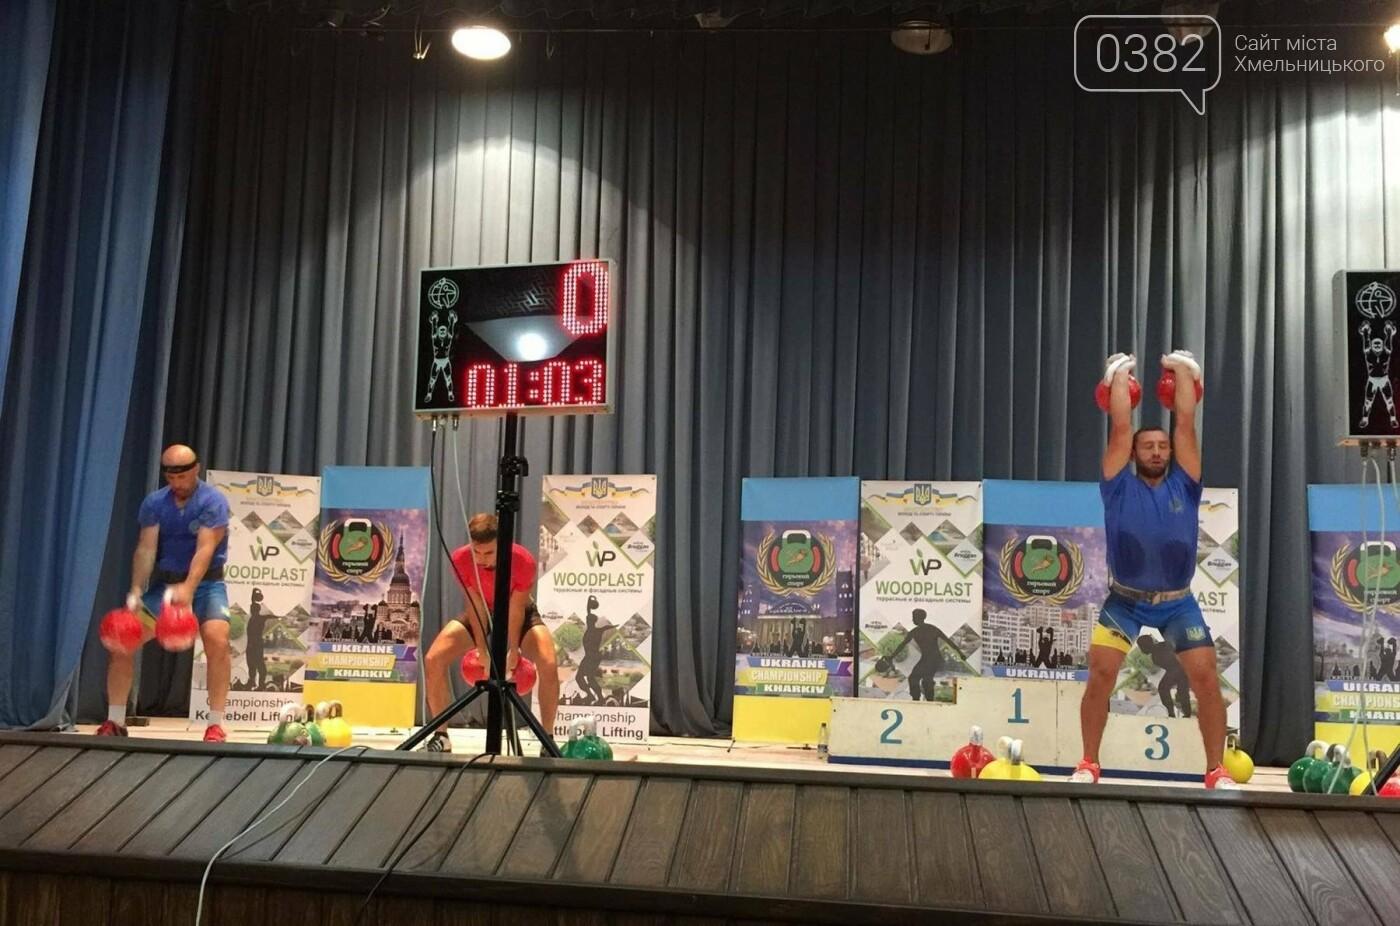 Хмельницькі спортсмені успішно виступили на Чемпіонаті України з гирьового спорту, фото-2